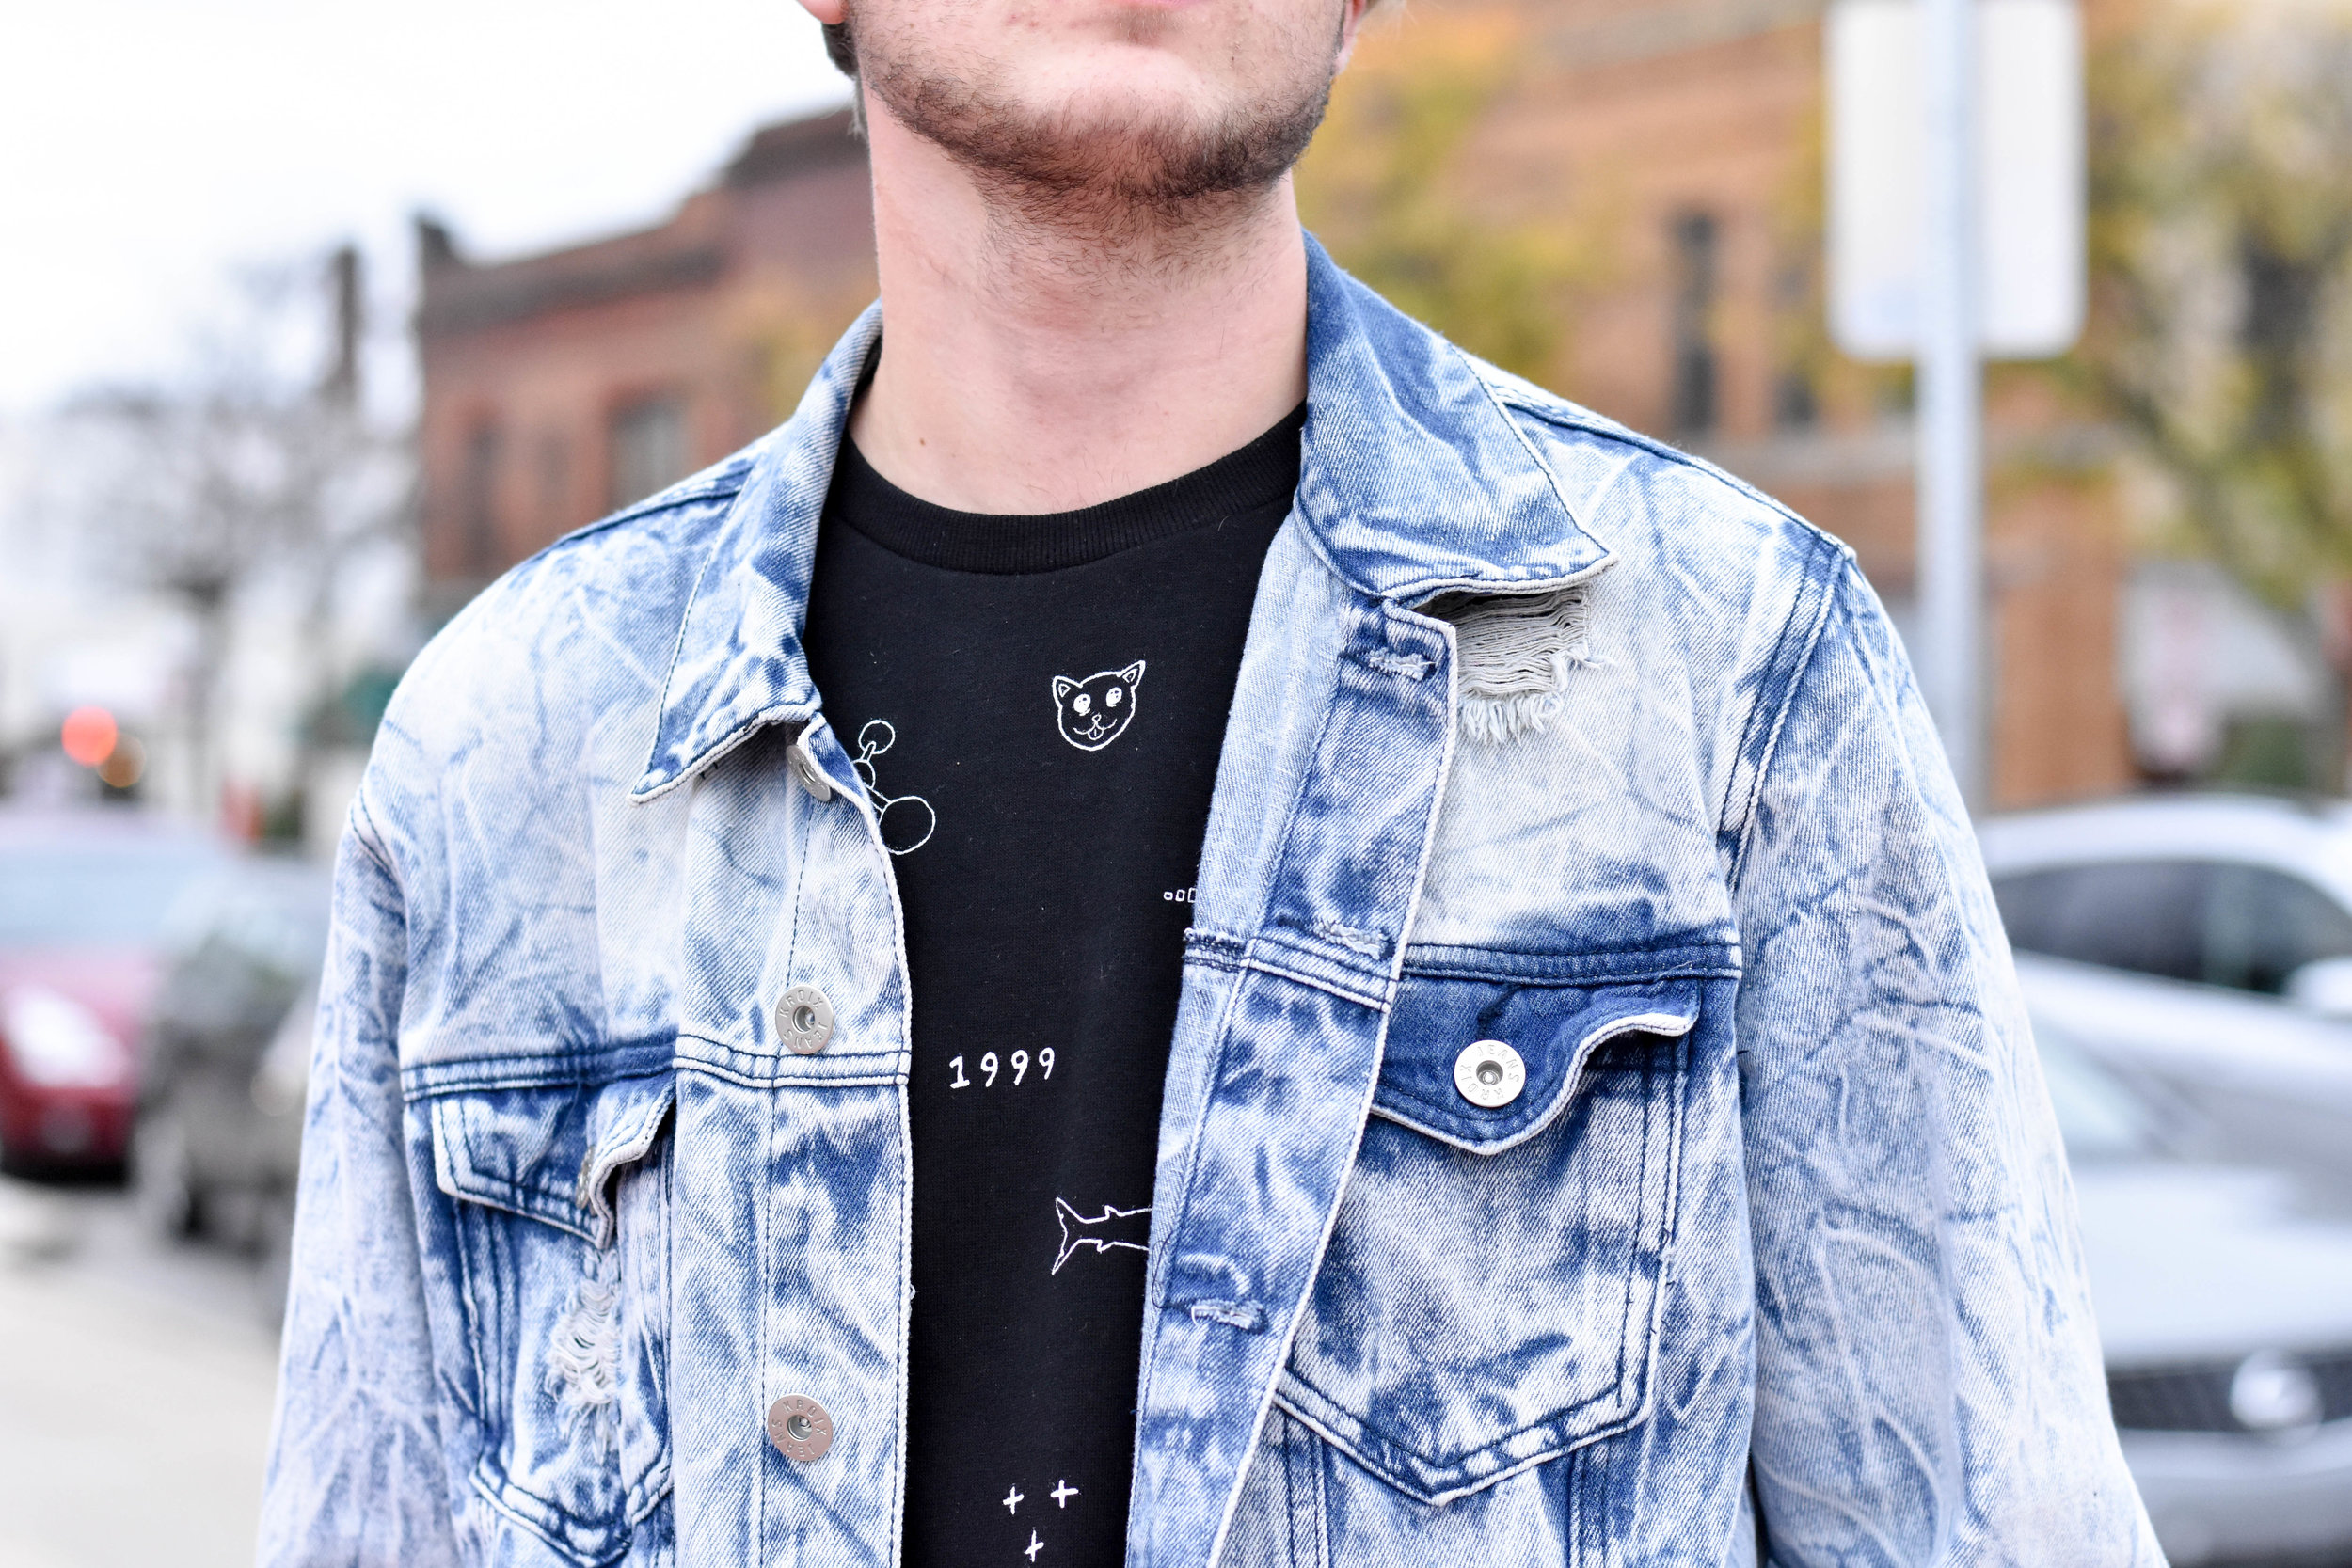 Jesse Bishop